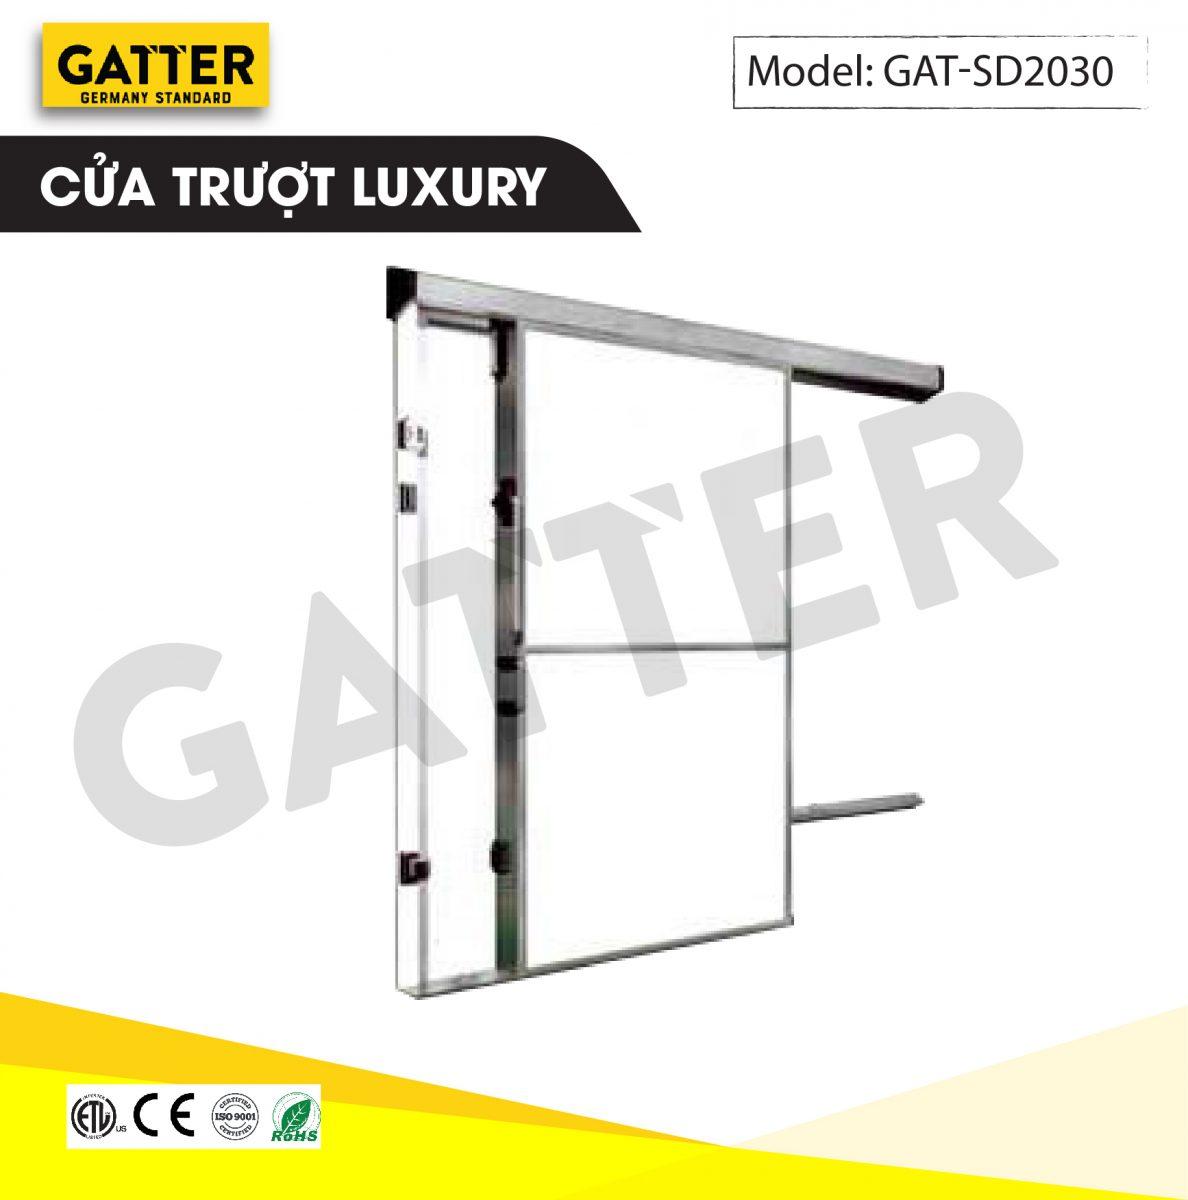 Cửa trượt kho lạnh cao cấp Luxury GAT-SD/2030